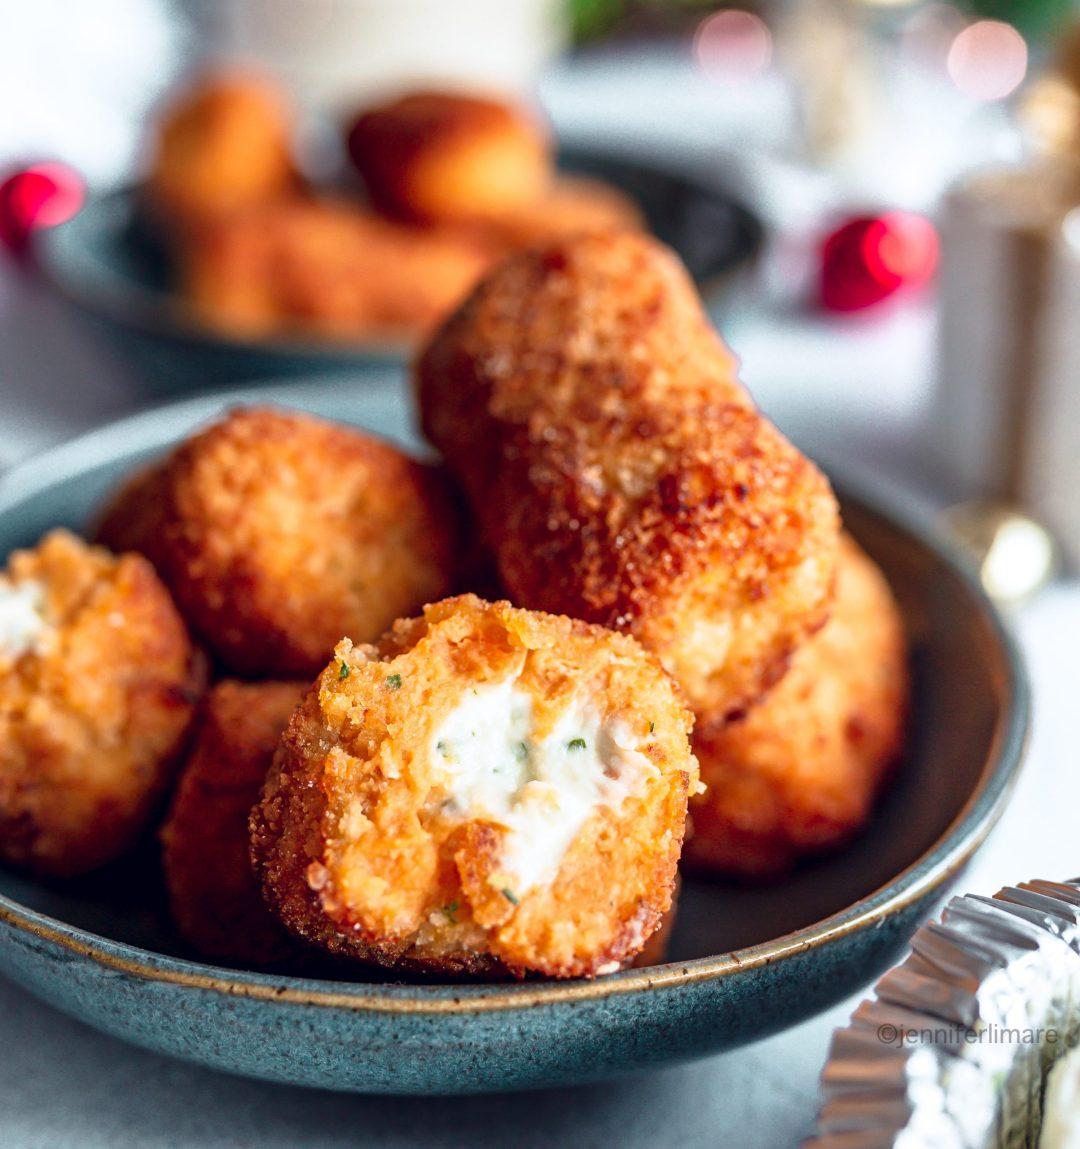 Croquettes de patate douce au Boursin 12